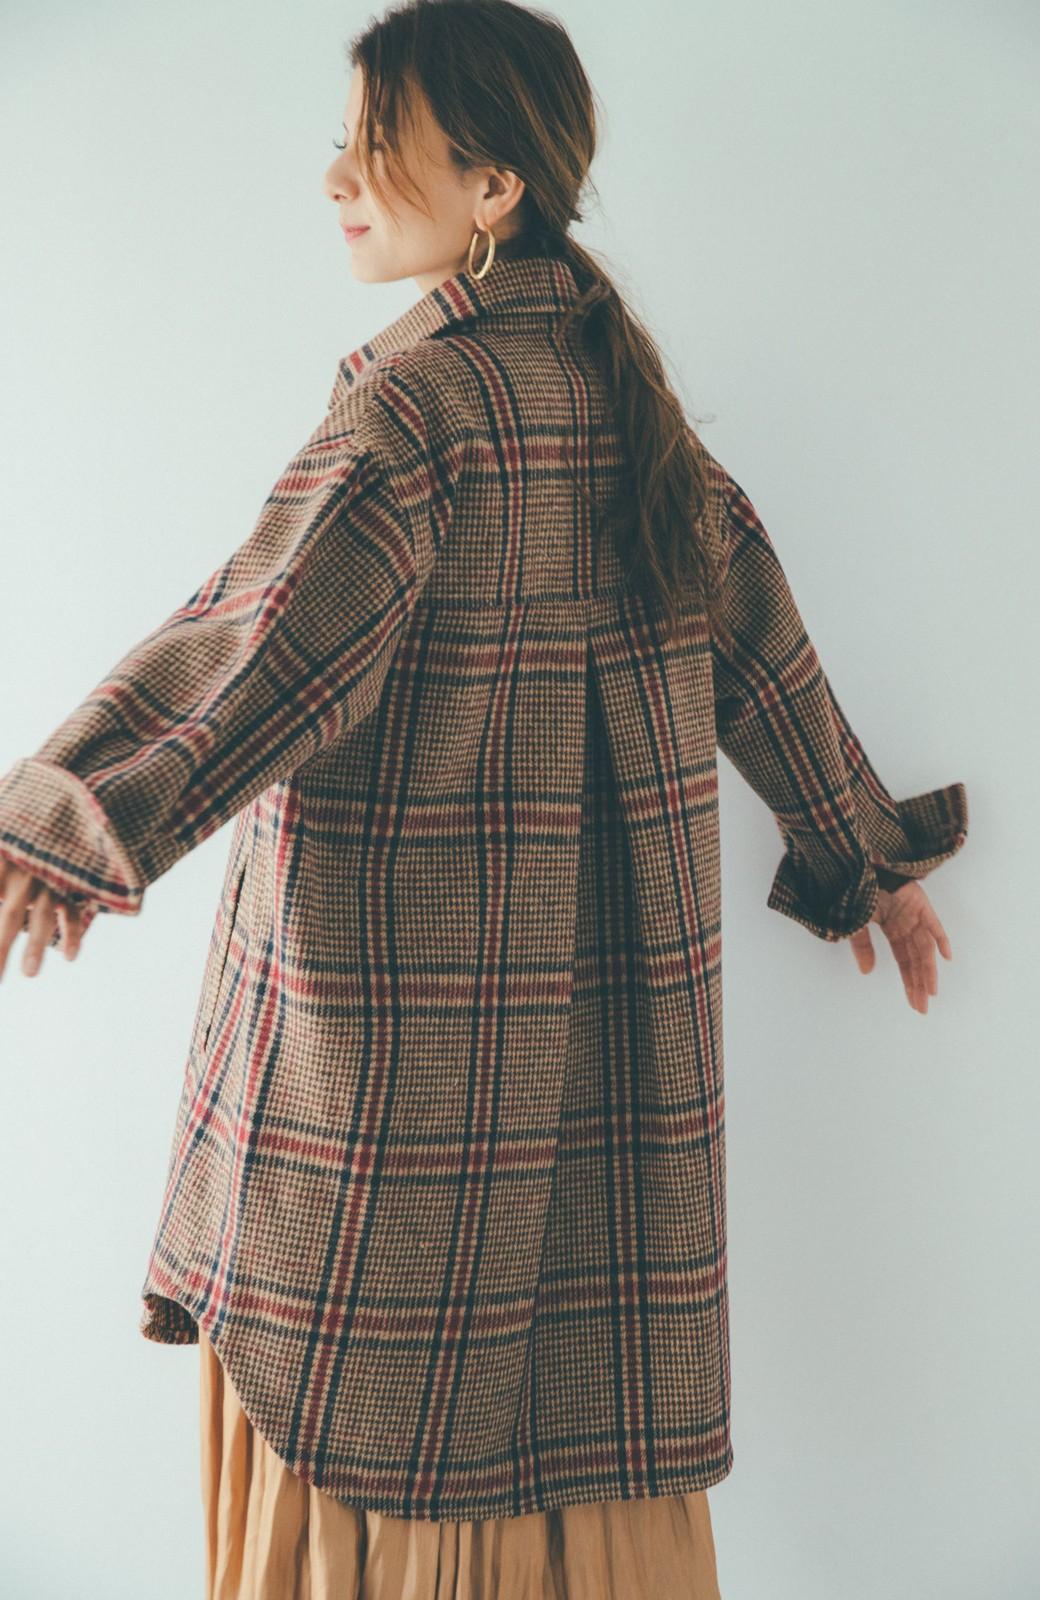 haco! 【スザンヌさんコラボ】ビッグシルエットのタータンチェックジャケット by LOVE&PEACE PROJECT <ベージュ系その他>の商品写真22